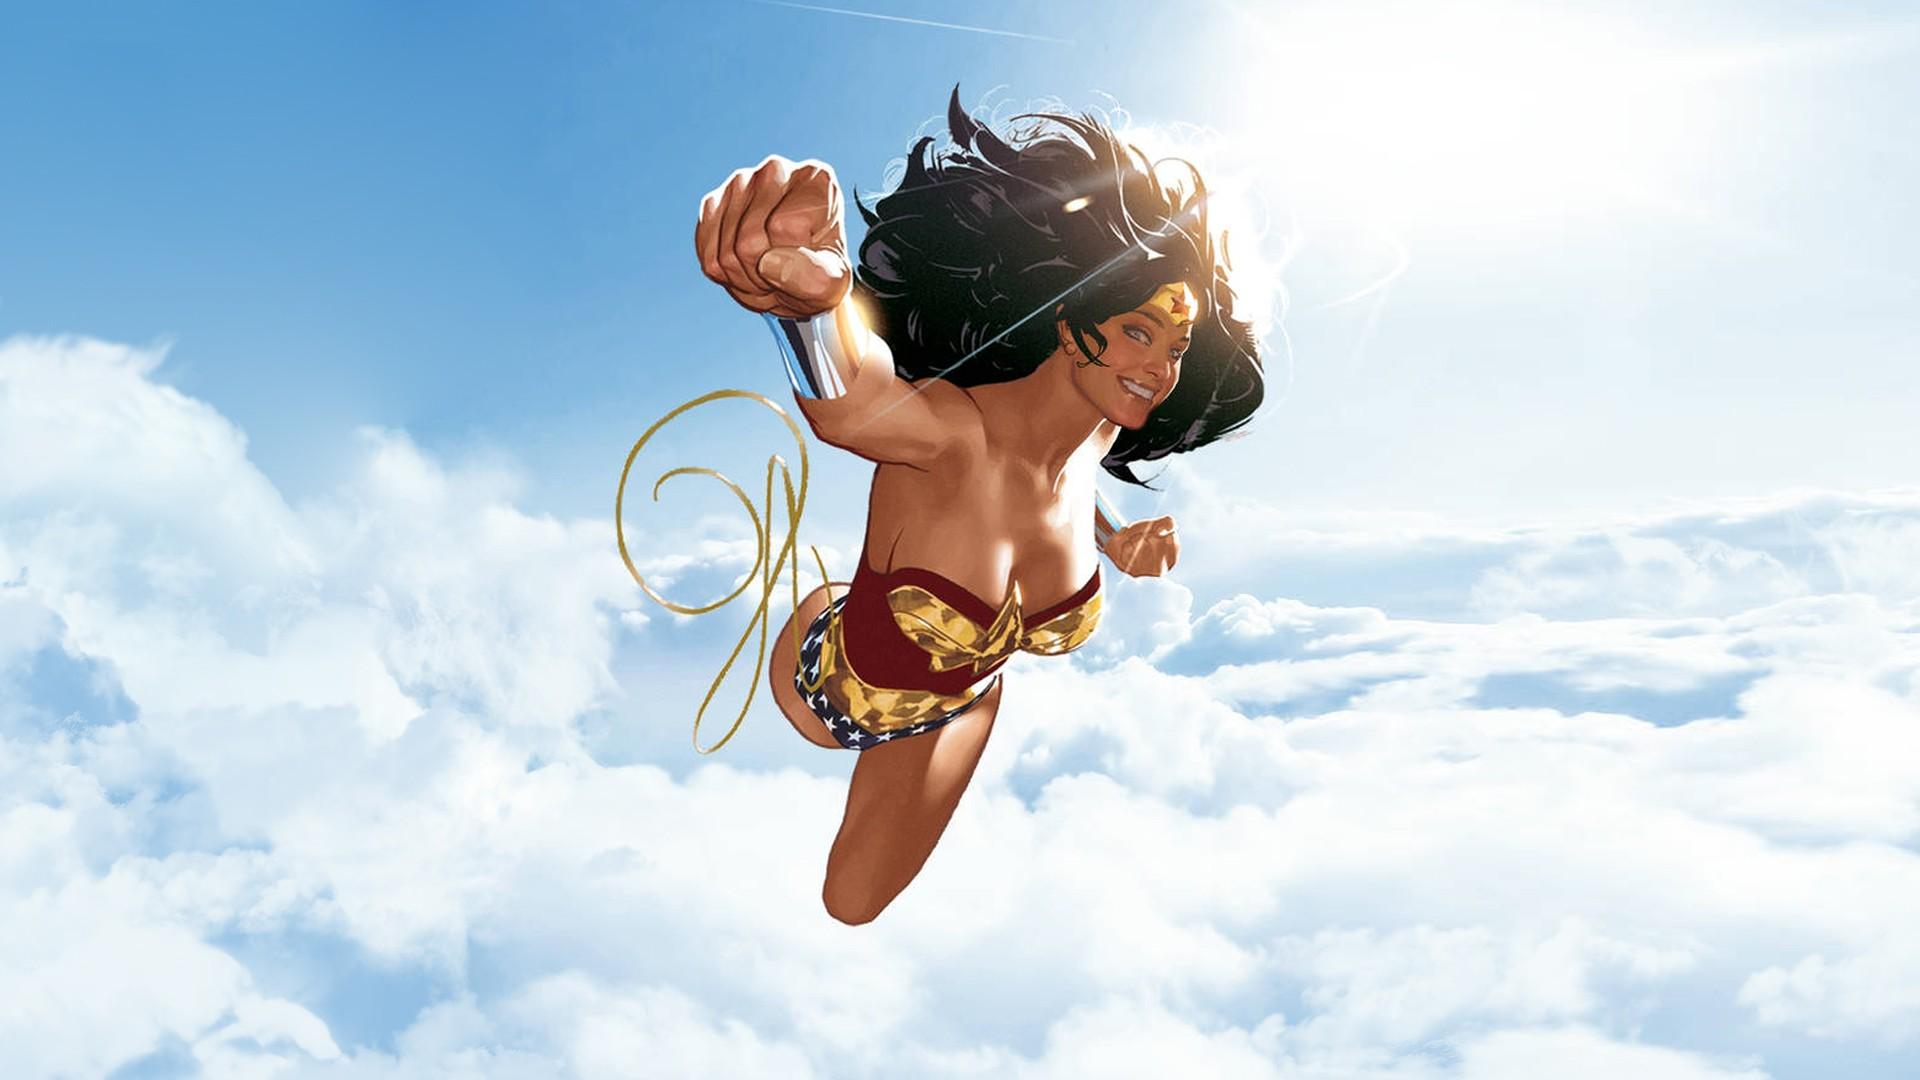 Superhero Wallpaper Hd Download Wallpaper Sunlight Illustration Digital Art Sky